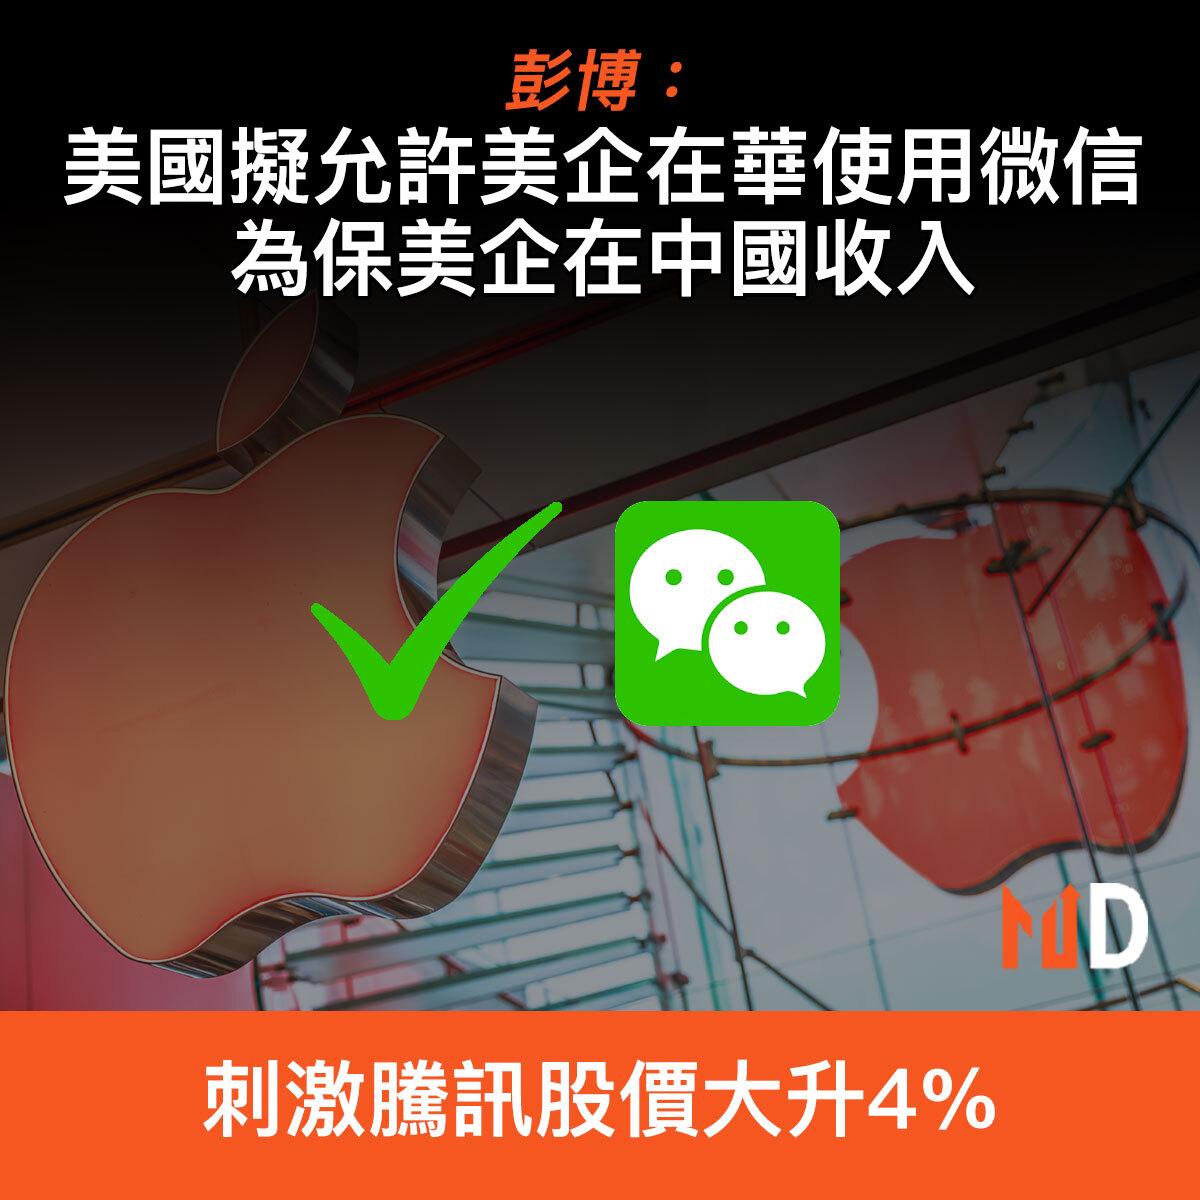 【市場熱話】彭博:美國擬允許美企在華使用微信,為保美企在中國收入